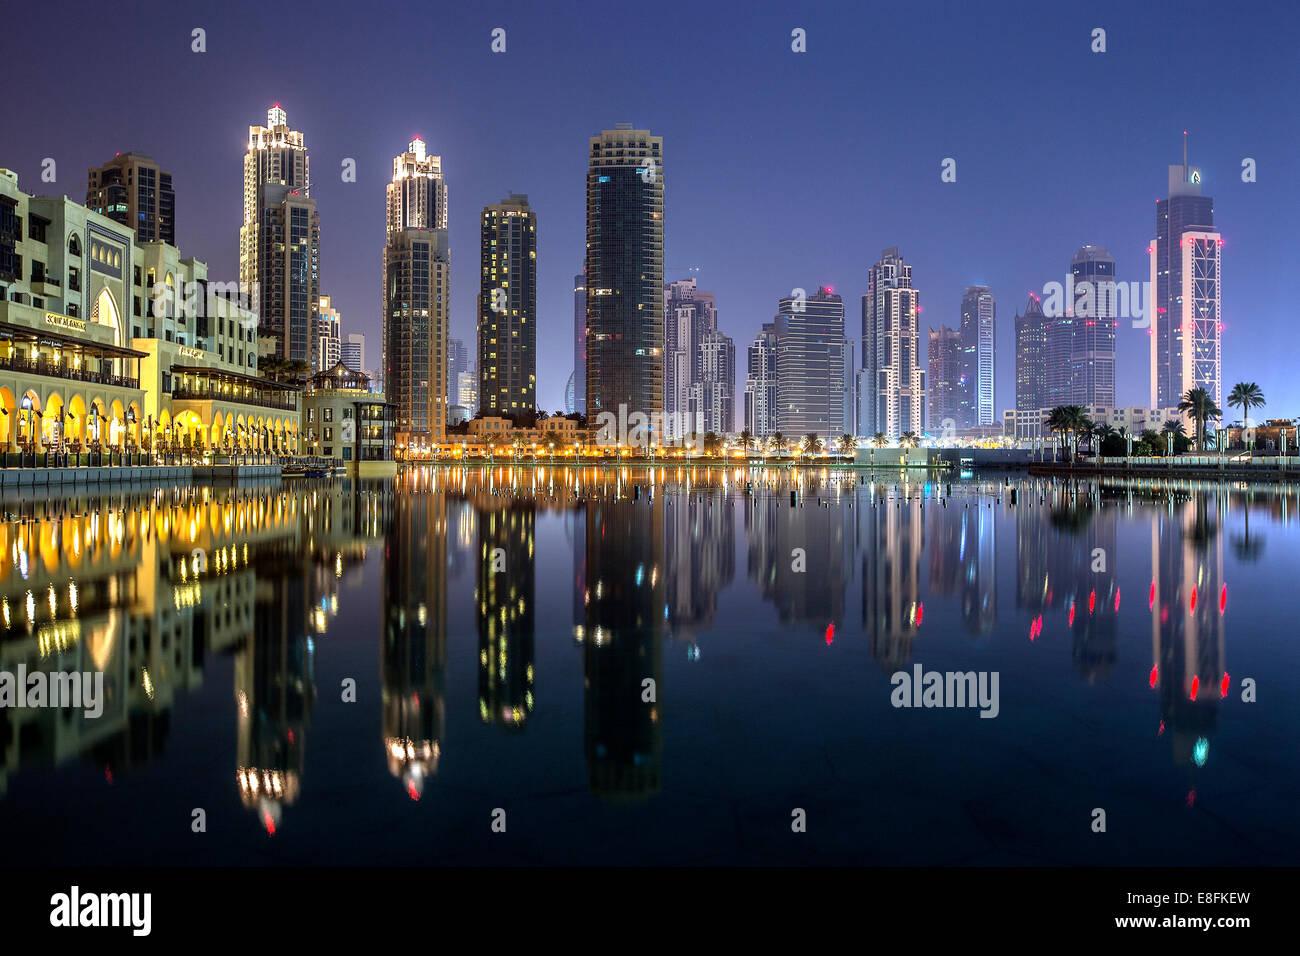 United Arab Emirates, Dubai, Cityscape with Burj Khalifa building at night - Stock Image